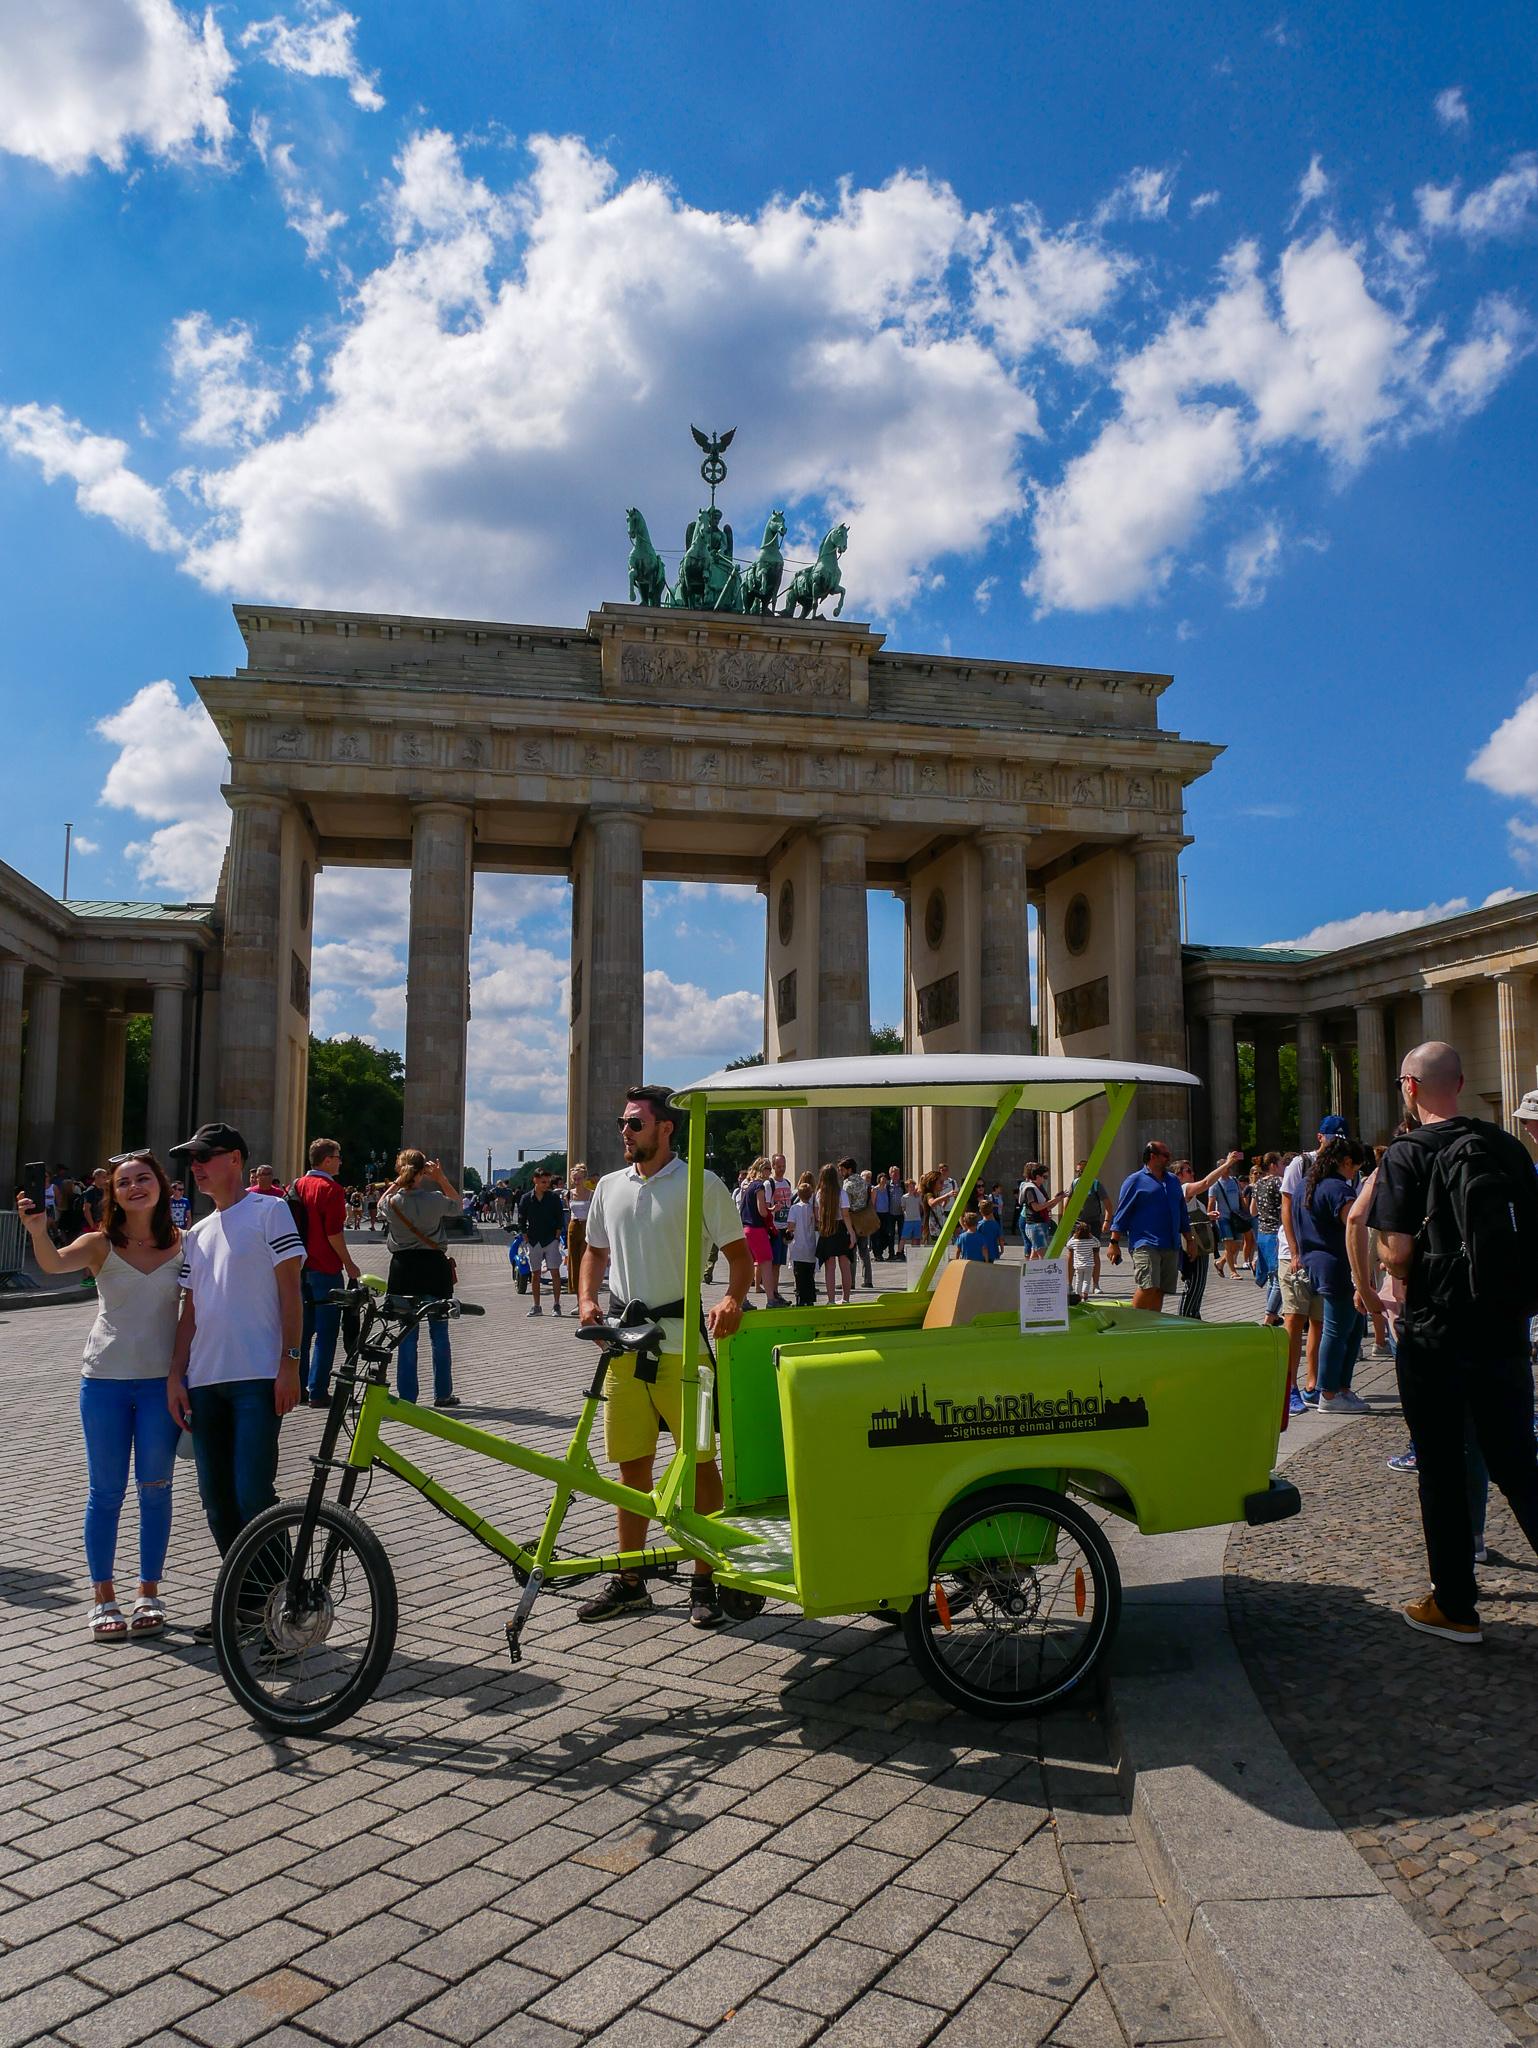 Brandenburger tor – Ett av Berlins landmärken och en gammal trabant som blivit rikscha.